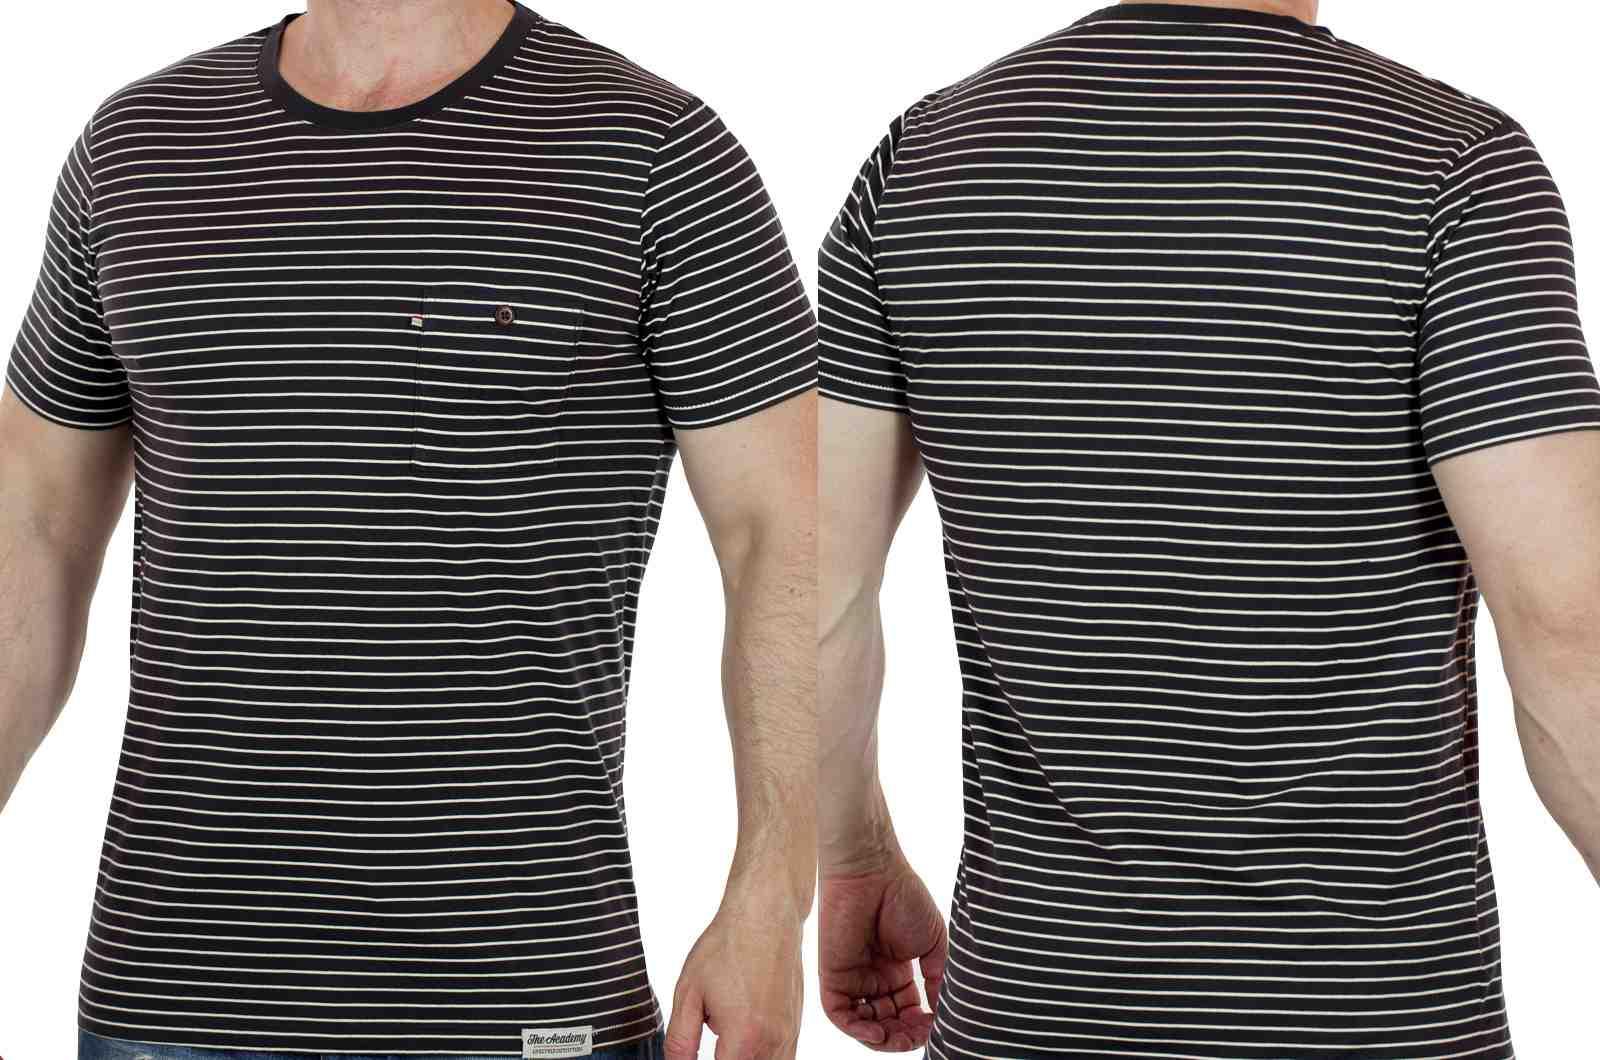 Оригинальная мужская футболка из США от Academy-двойной ракурс